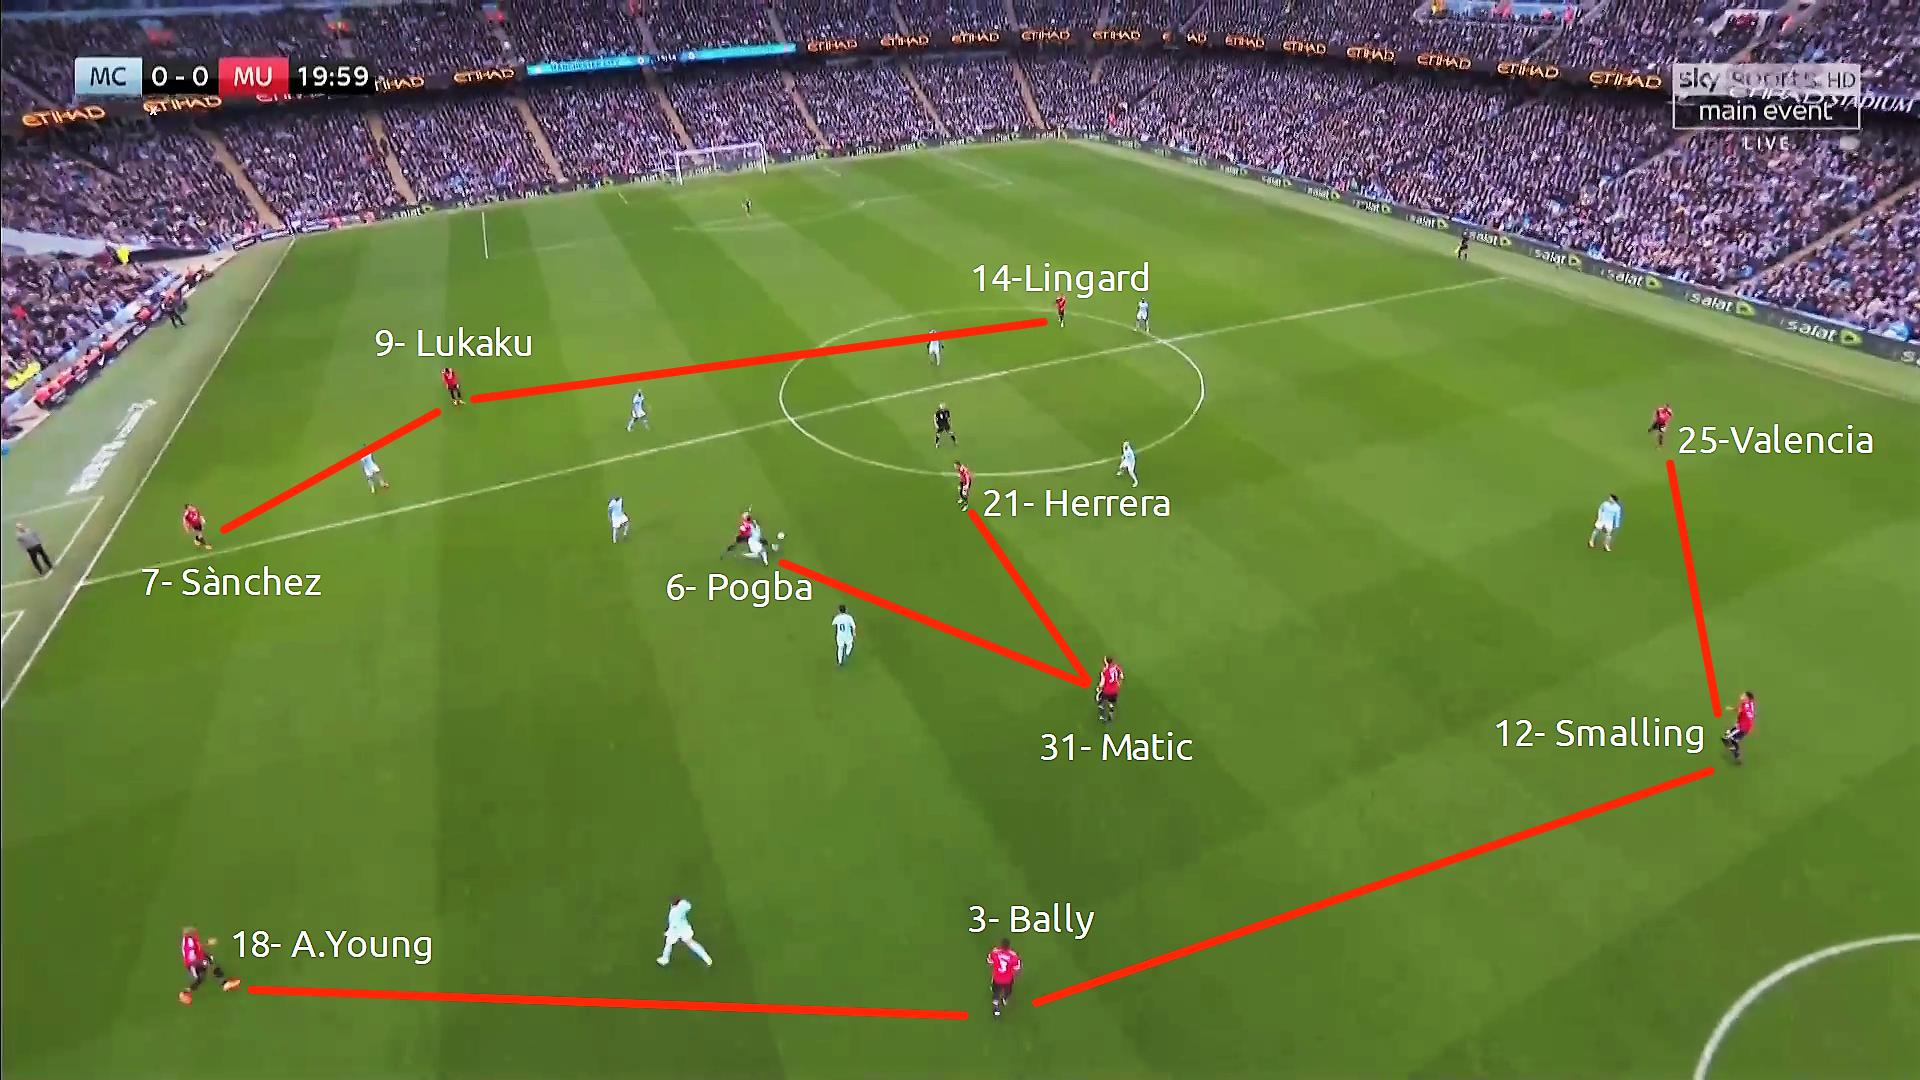 sistema di gioco del manchester united di mourinho